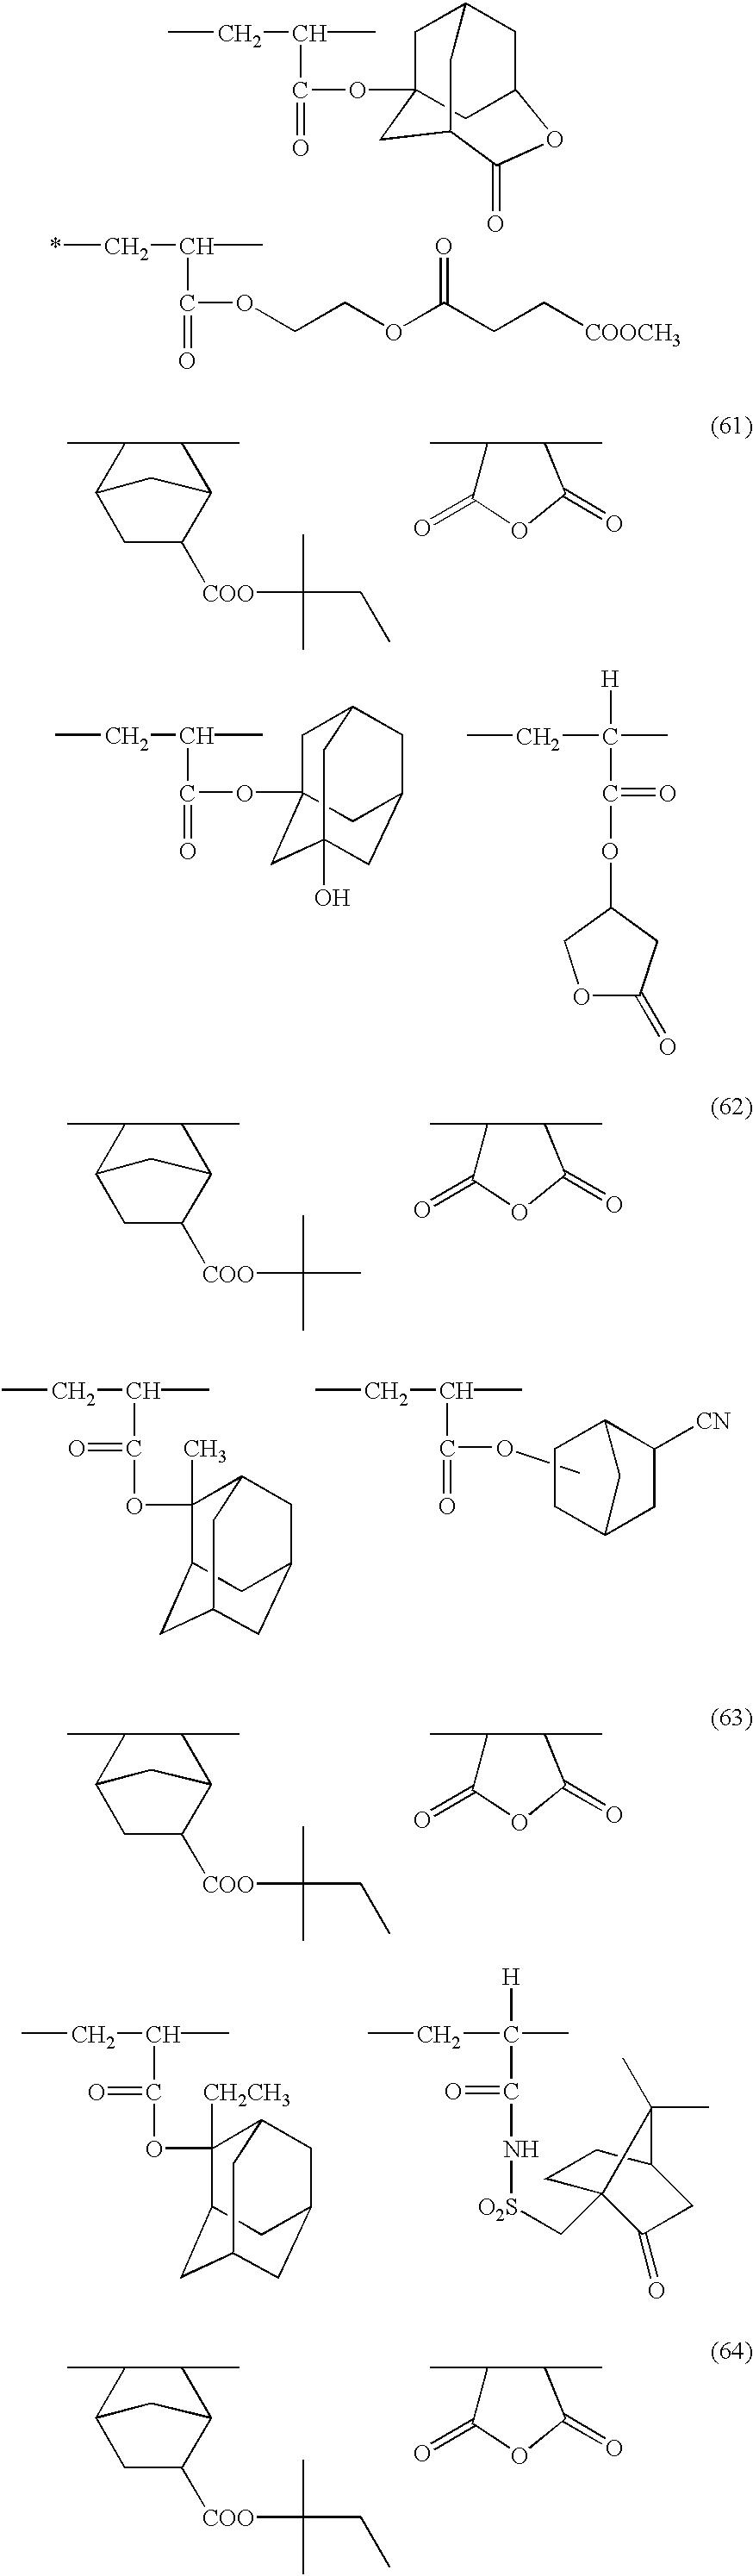 Figure US06492091-20021210-C00110